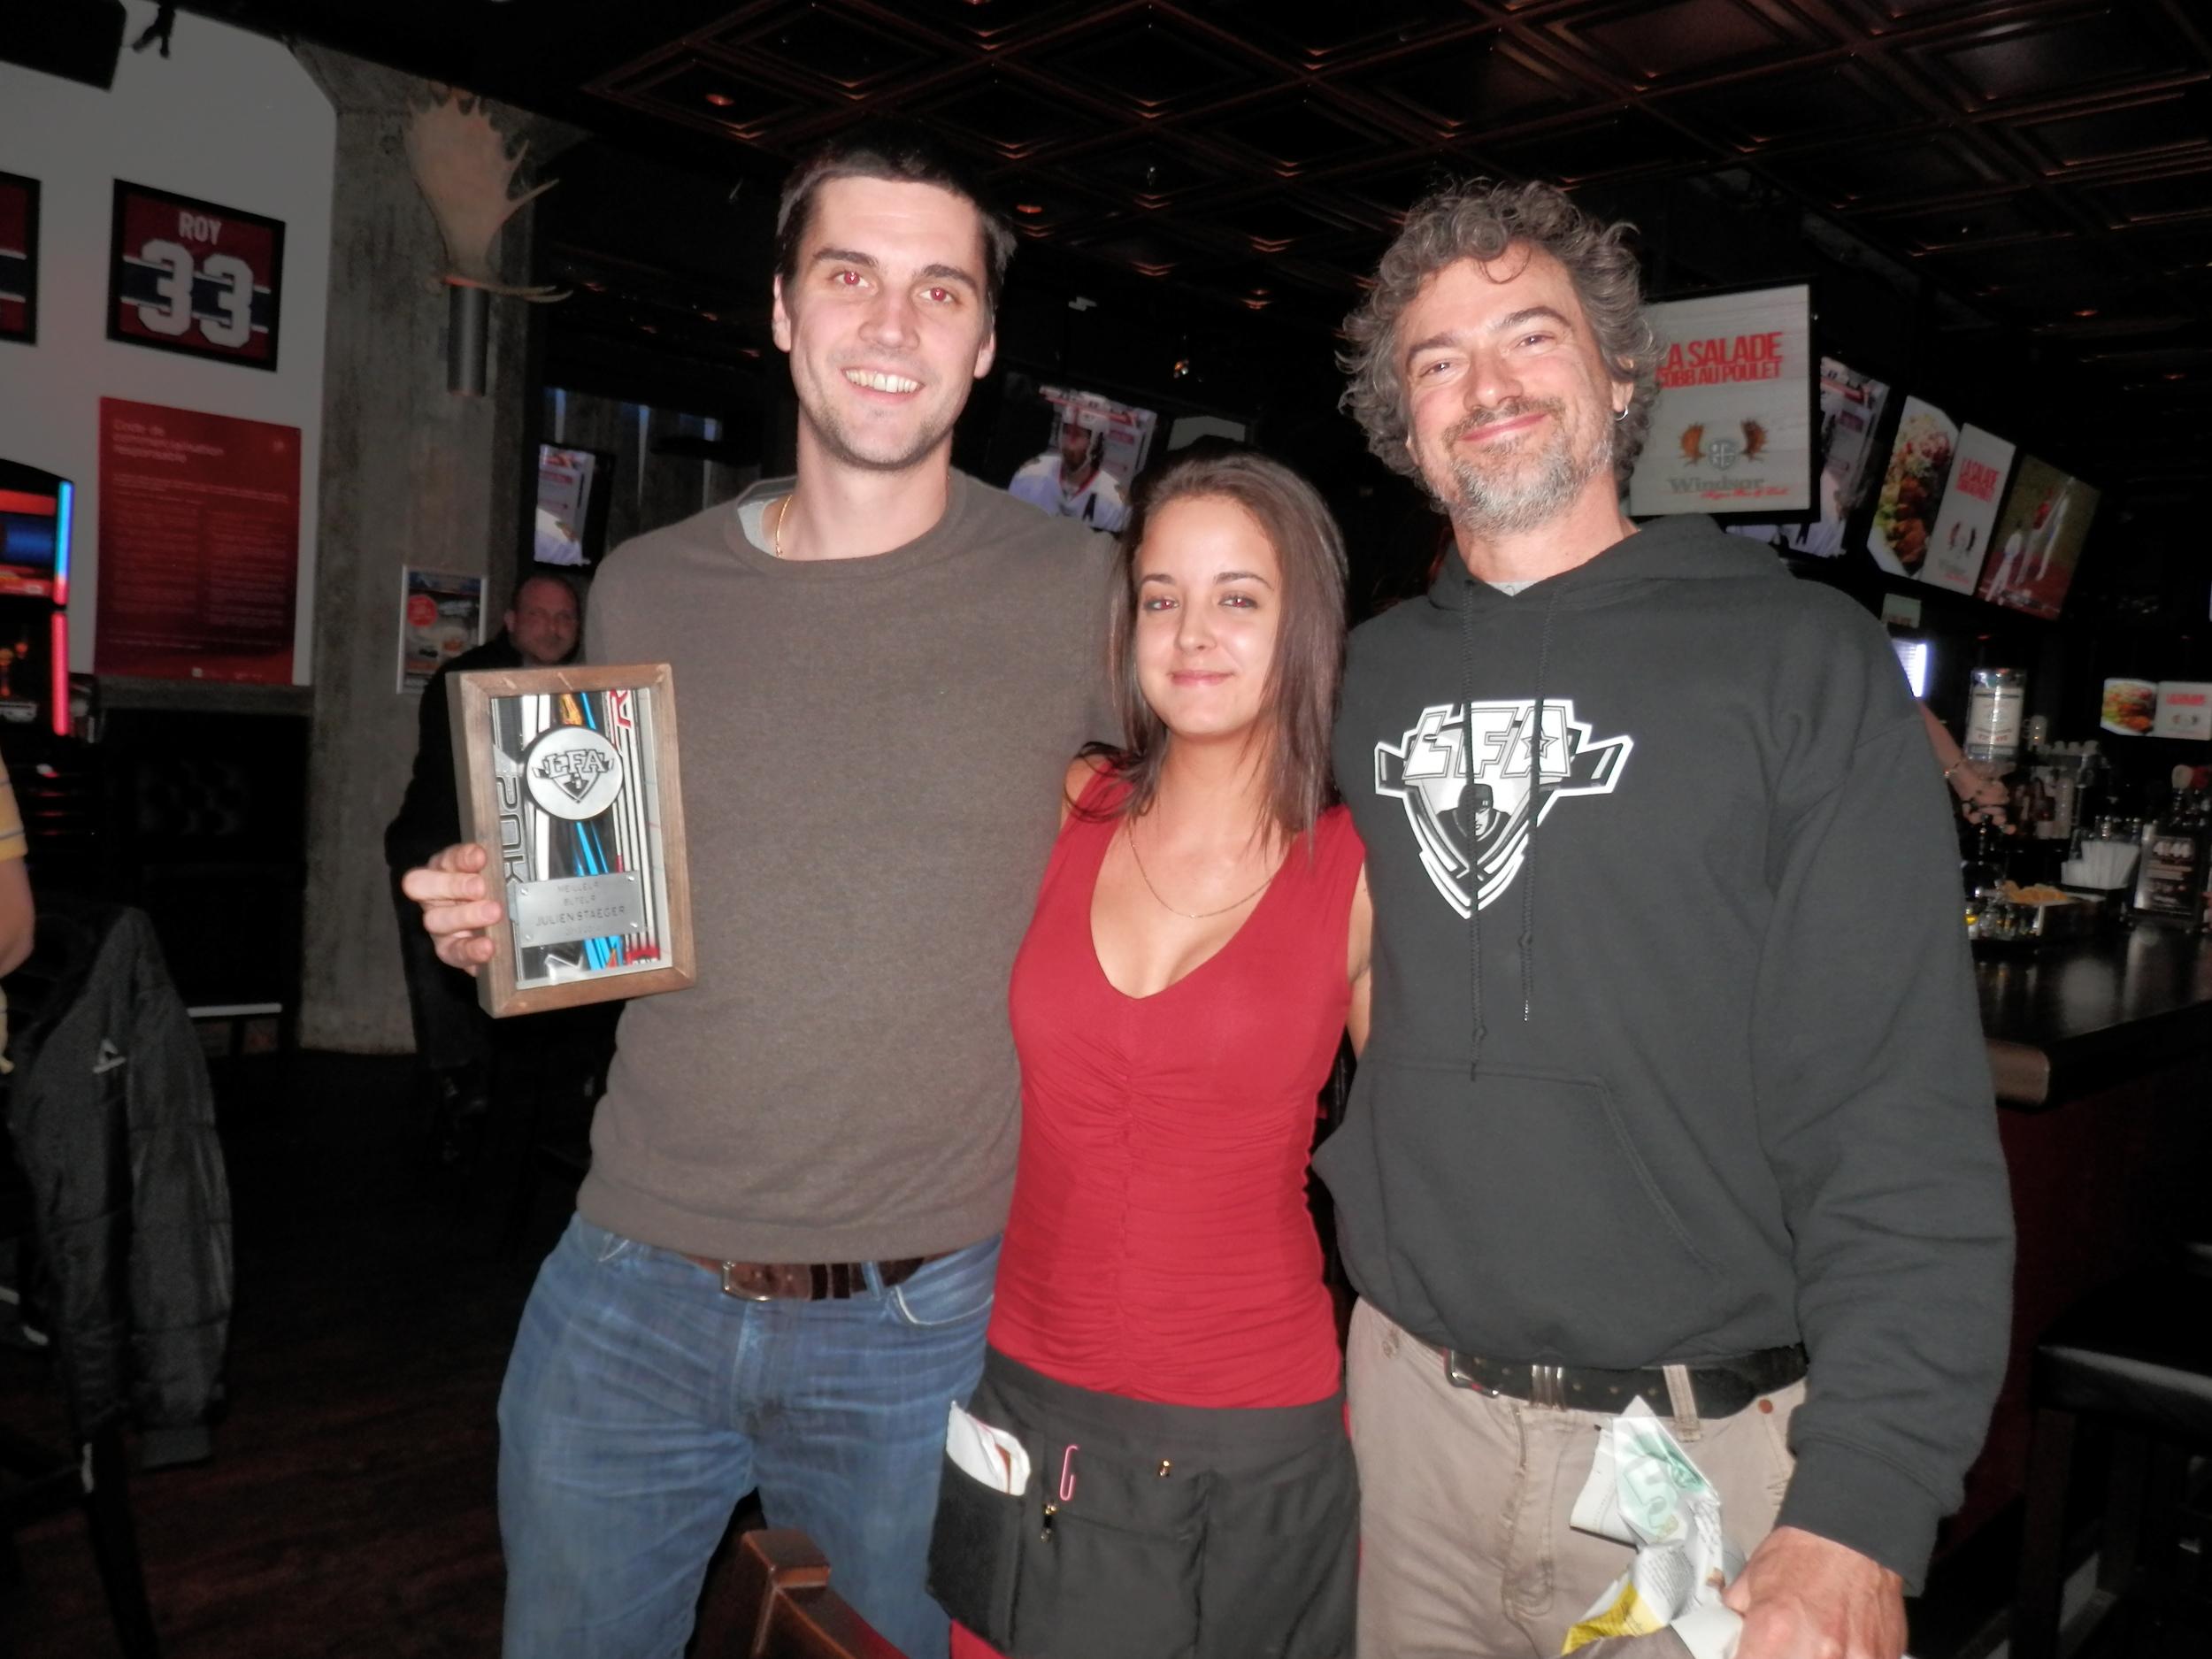 Julien Staeger gagnant du meilleur buteur et pointeur de la saison en compagnie de notre charmante hôtesse au Windsor hyper bar & grill, Astacia et de moi-même.